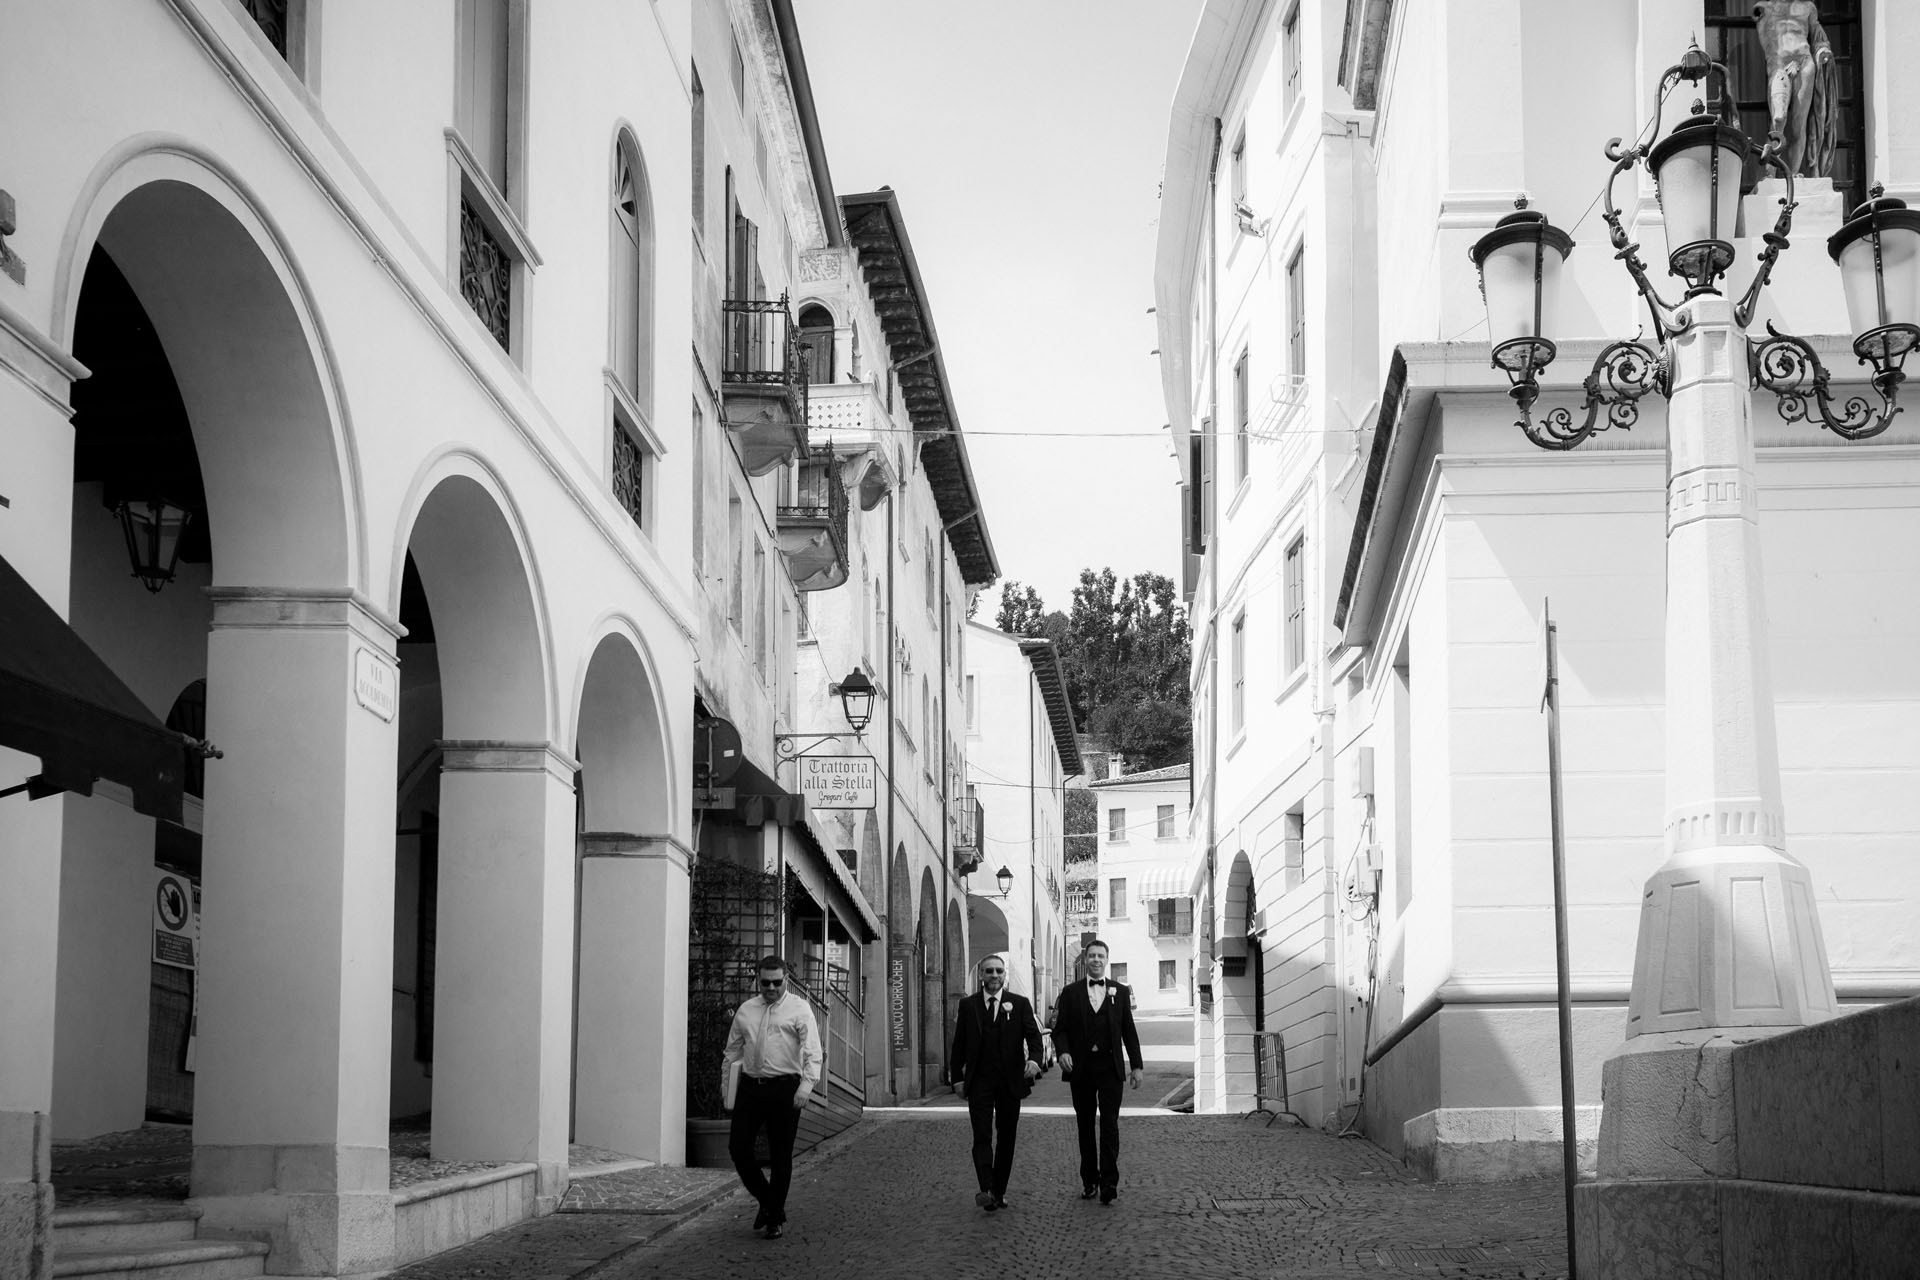 Jessica-Jason-Selciato-Weddingdestination-Storytelling-Renato-Zanette-Fotografo-Convento-San-Francesco-Conegliano-Treviso-Veneto